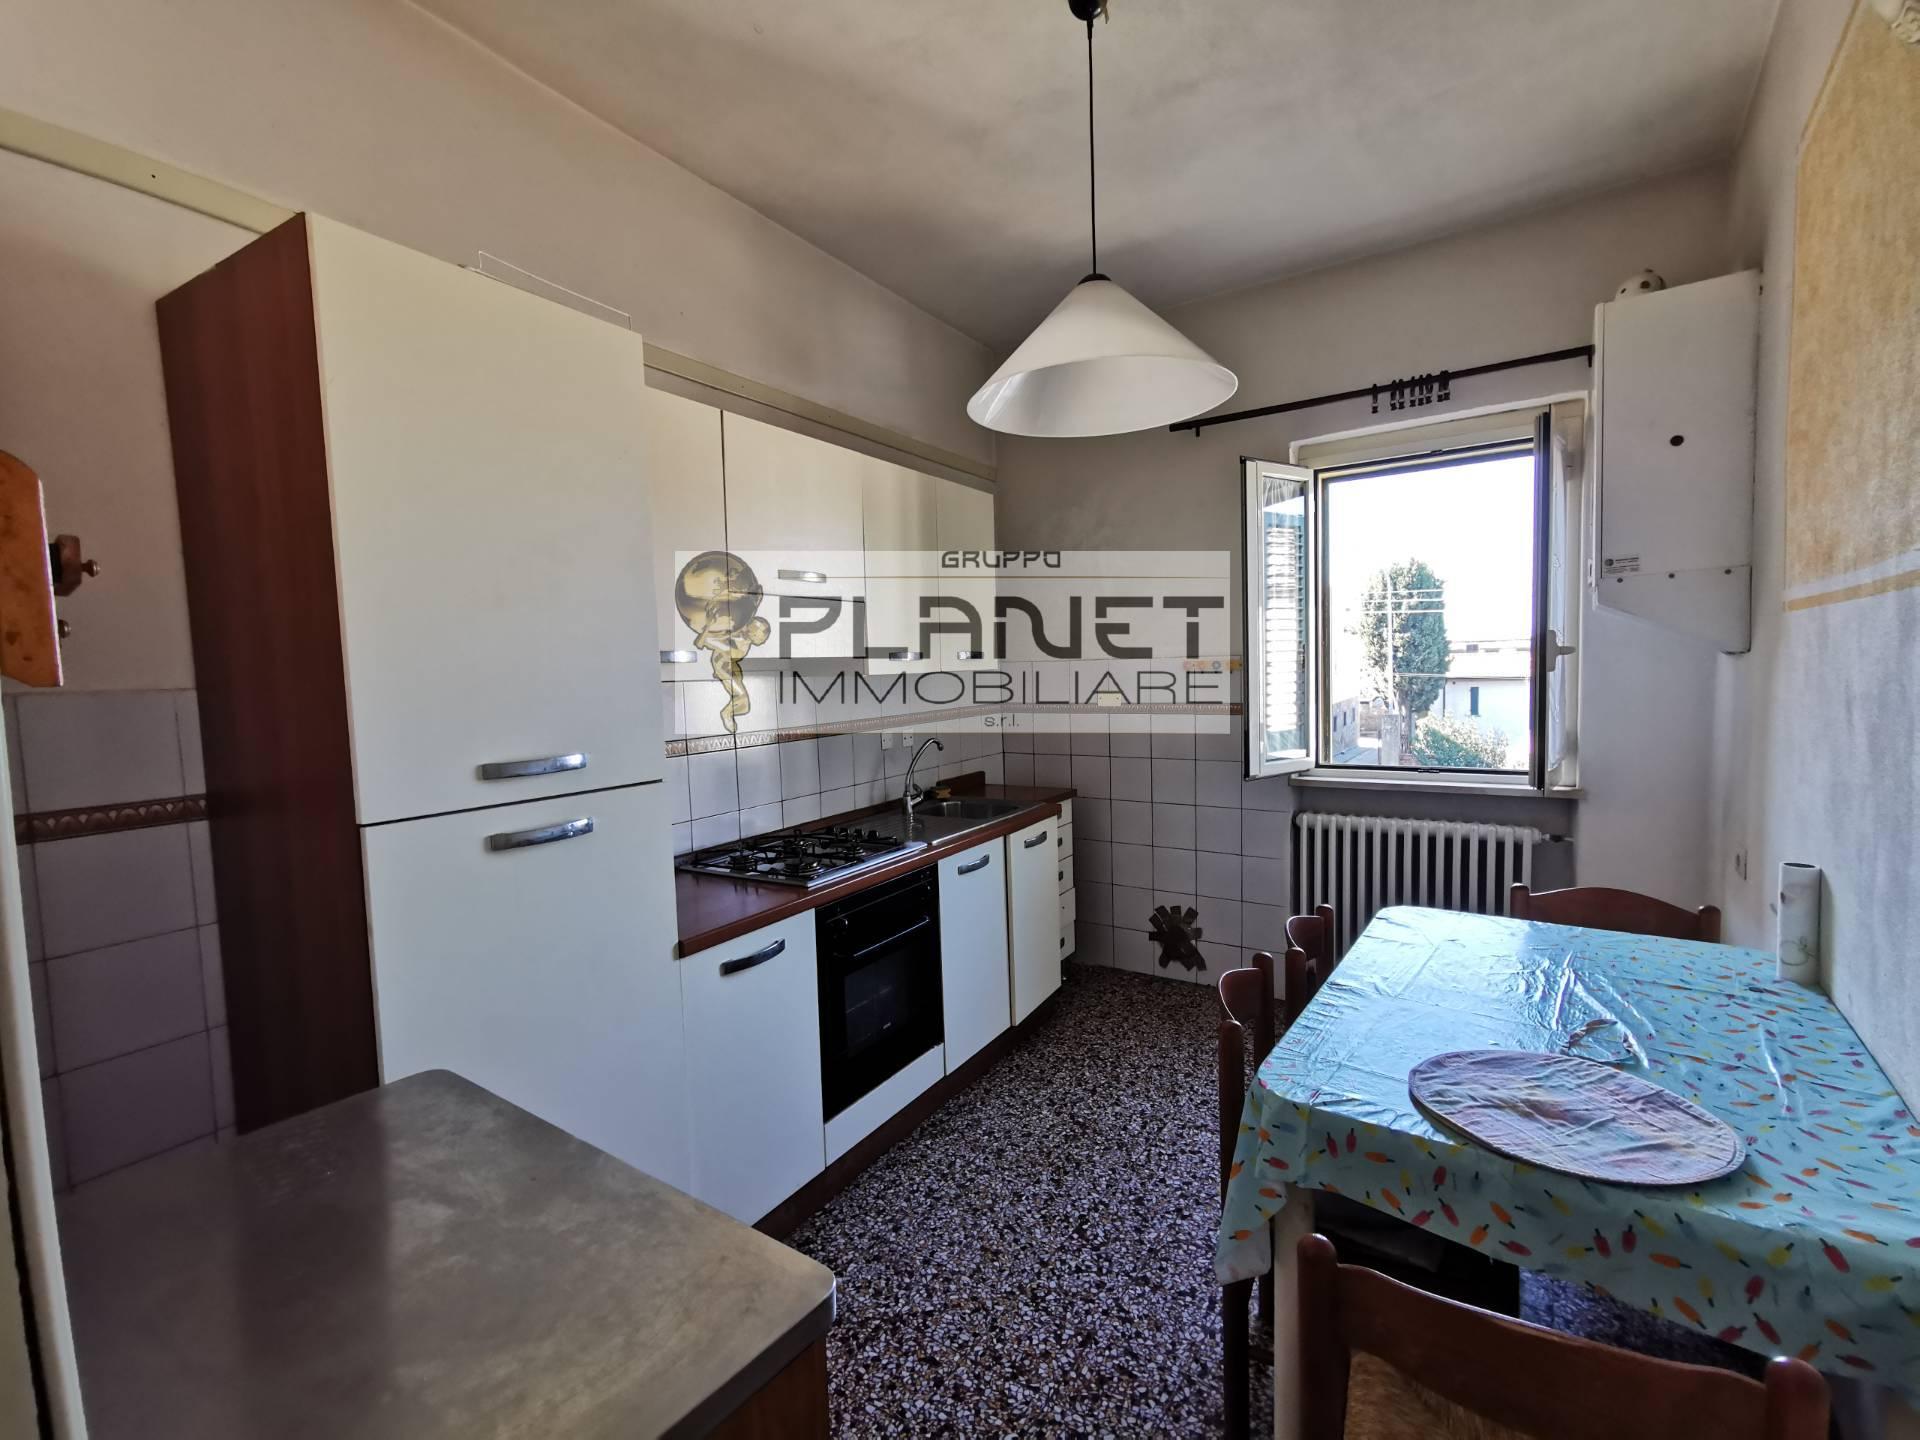 Appartamento in vendita a Arezzo, 3 locali, prezzo € 90.000 | PortaleAgenzieImmobiliari.it